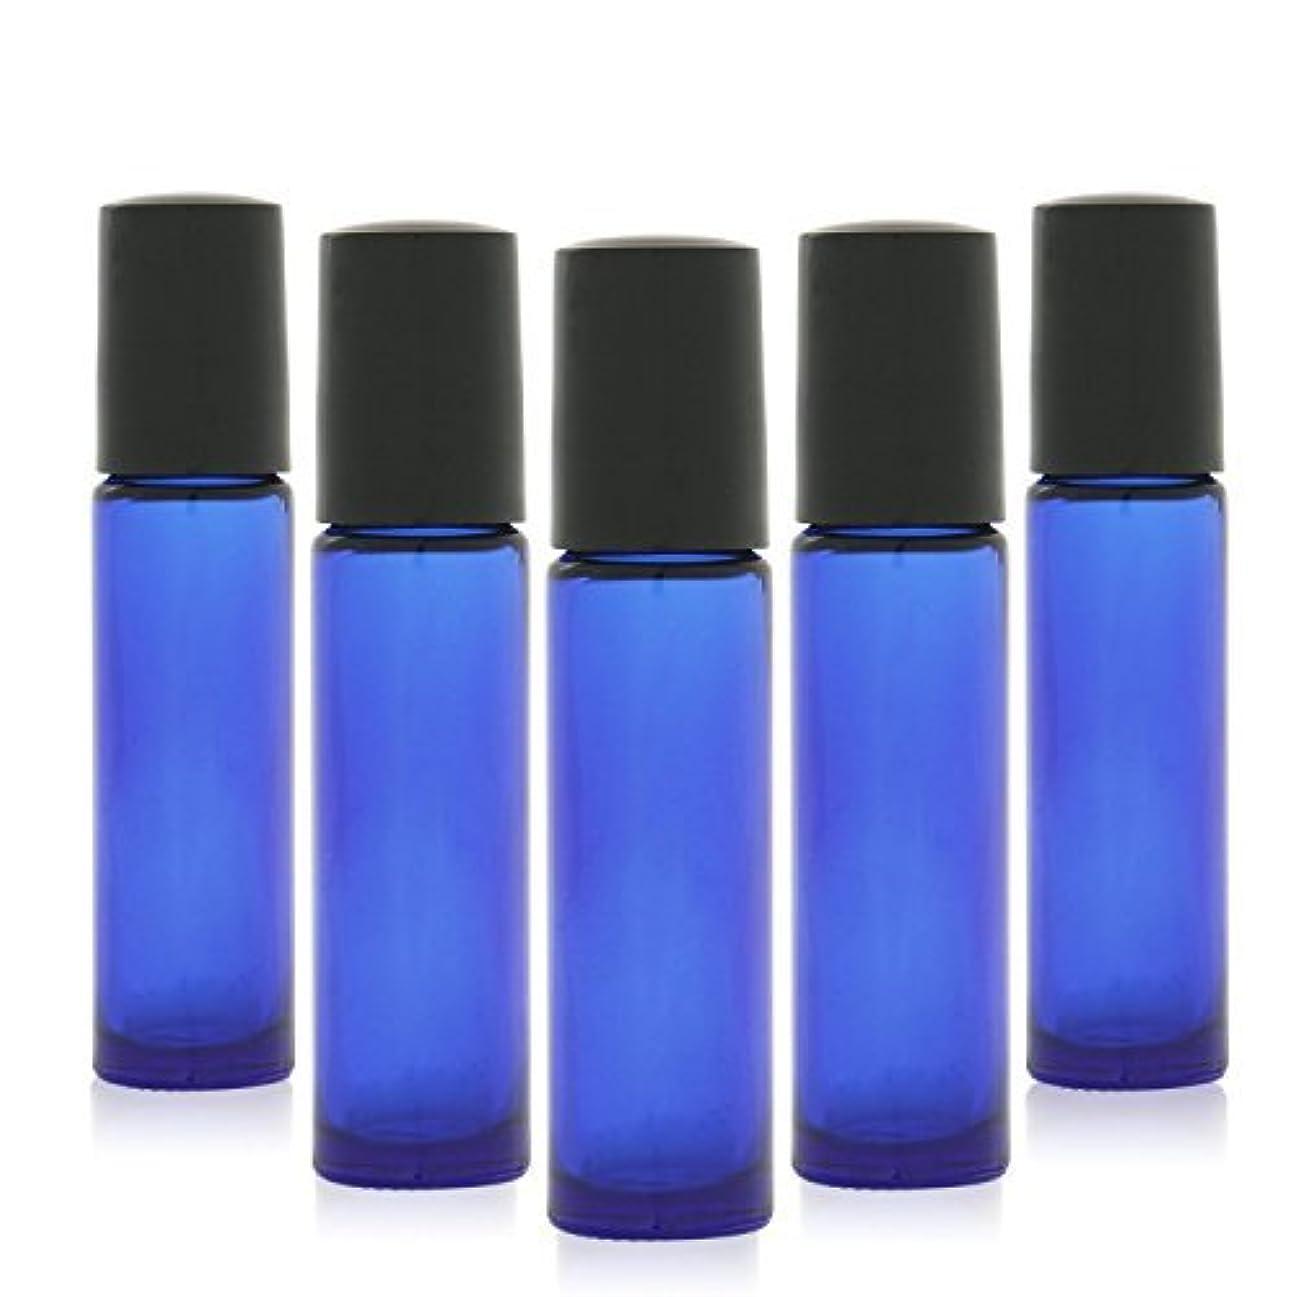 鳴り響く分割冒険家12 pcs, 10ml Cobalt Blue Glass Roller Bottles with Stainless Steel Roller Ball for Essential Oil - Includes 12...